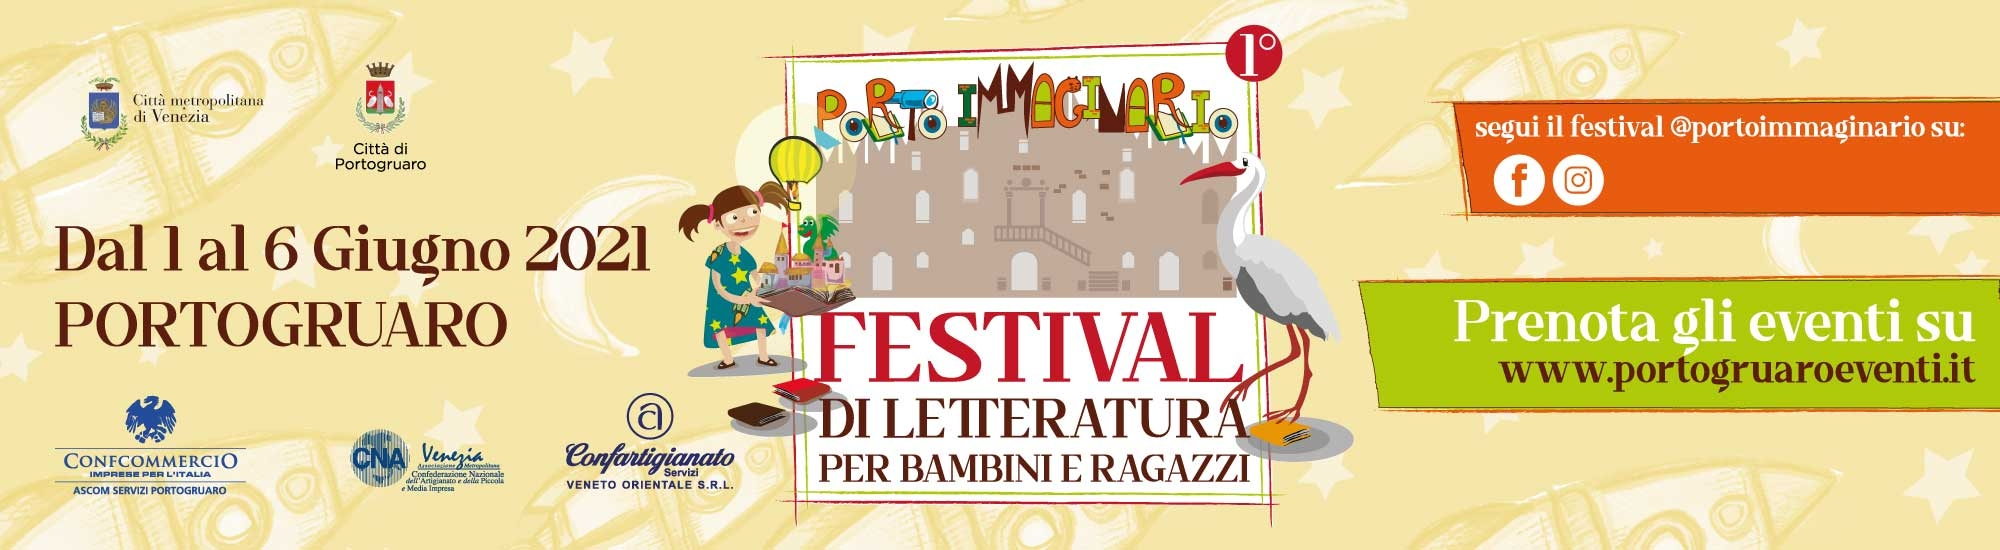 Immagine Evento finale al Teatro Russolo con Roberto Giacobbo e altri importanti ospiti